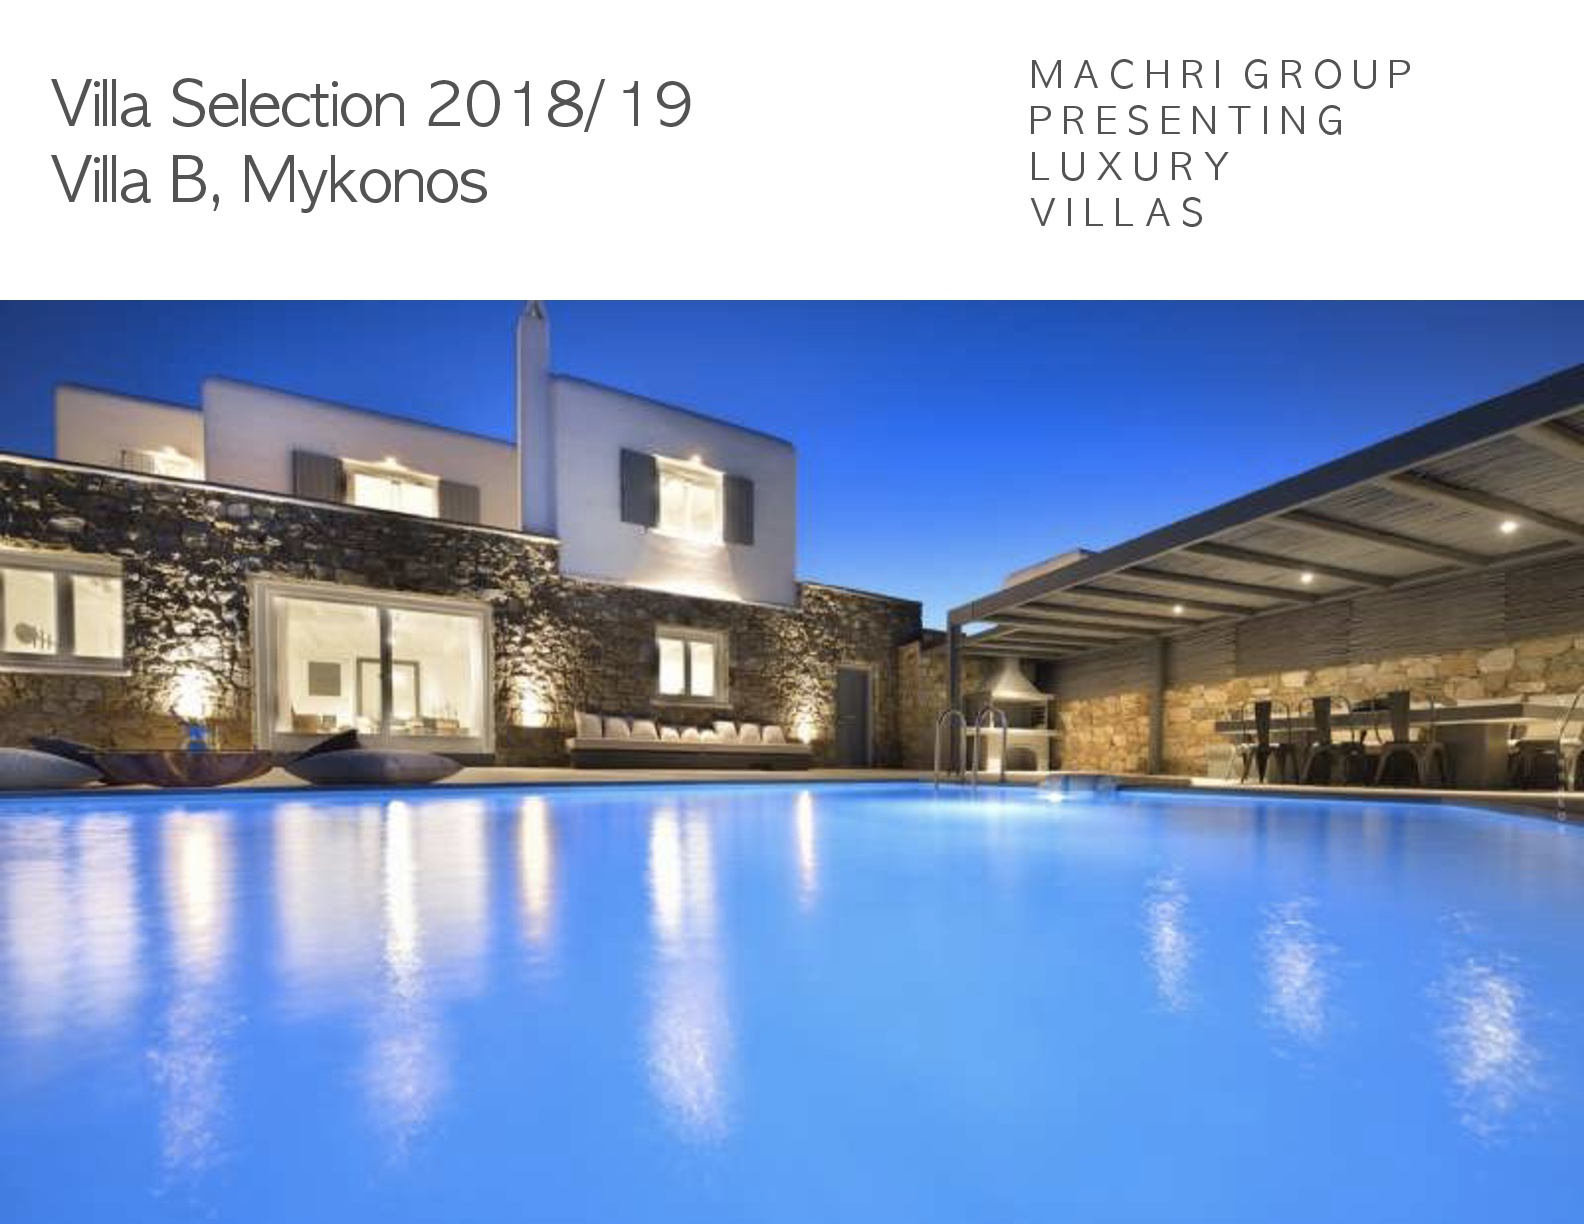 Villa-B,-Mykonos-compressed-001